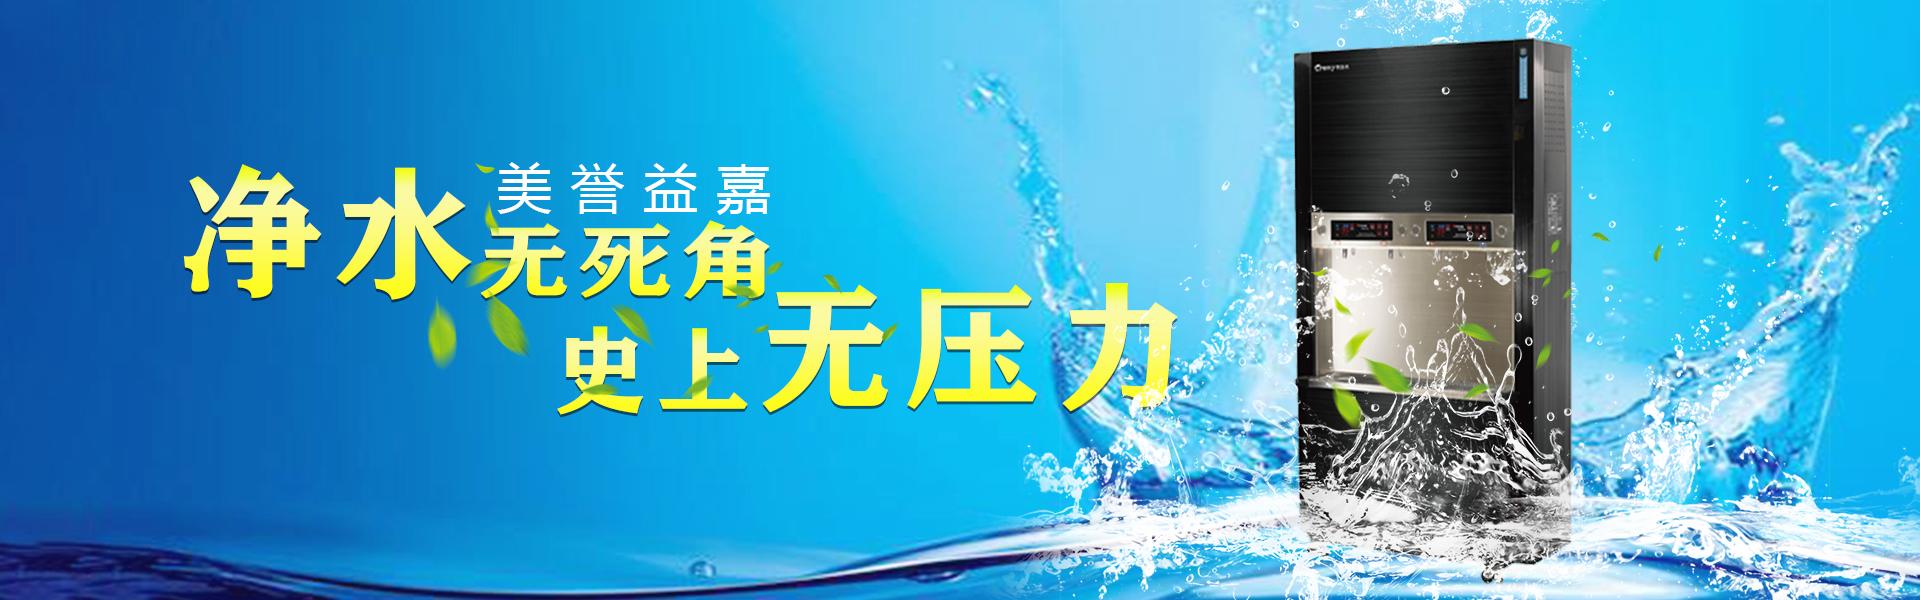 宁夏开水器,开水器厂家直销,找美誉益嘉商贸公司